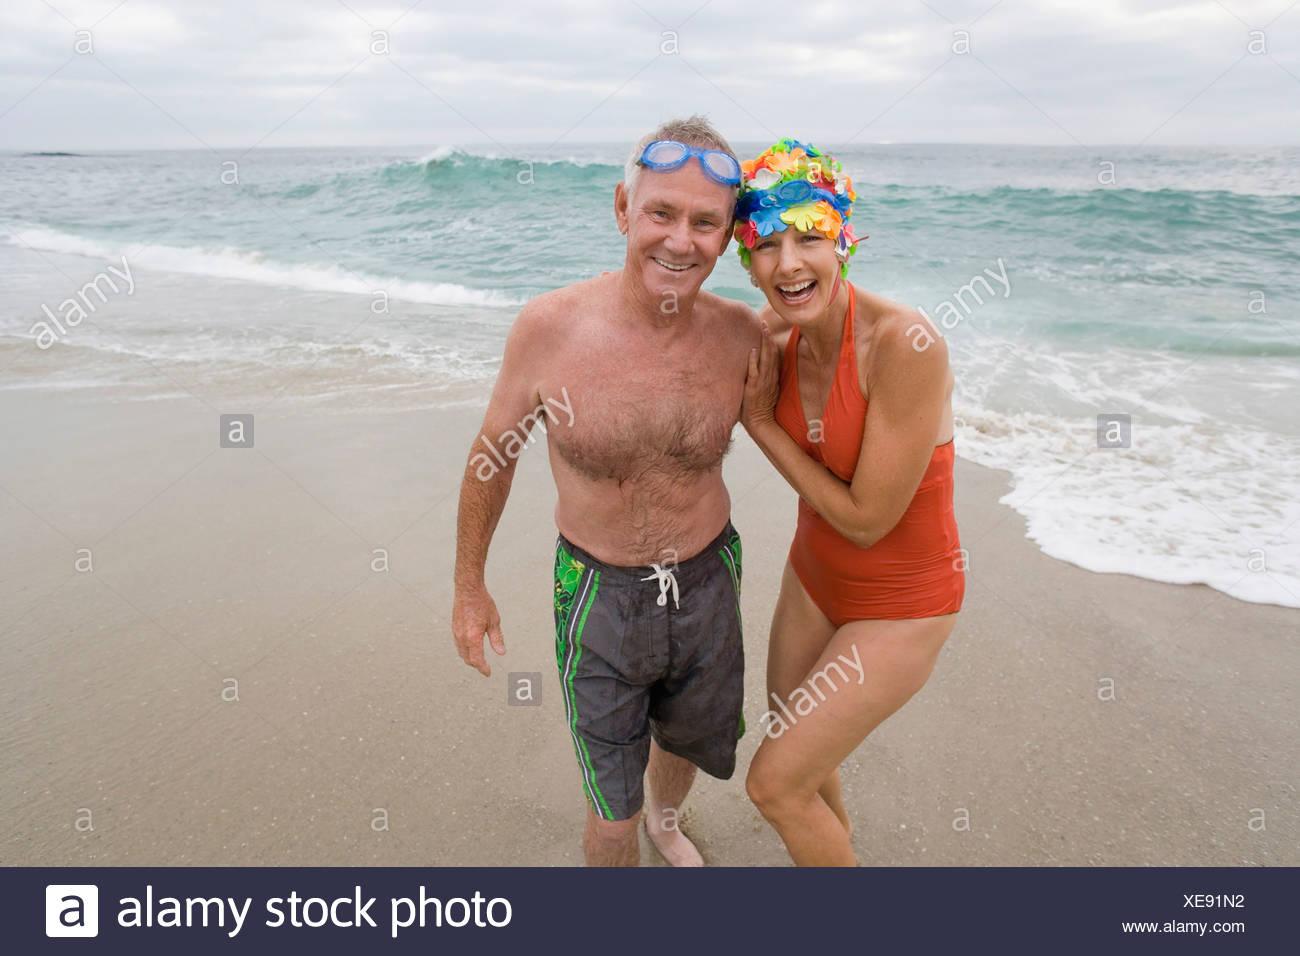 d2cfe528ecd1 Coppia matura in costume da bagno a braccetto sulla spiaggia, sorridente,  ritratto